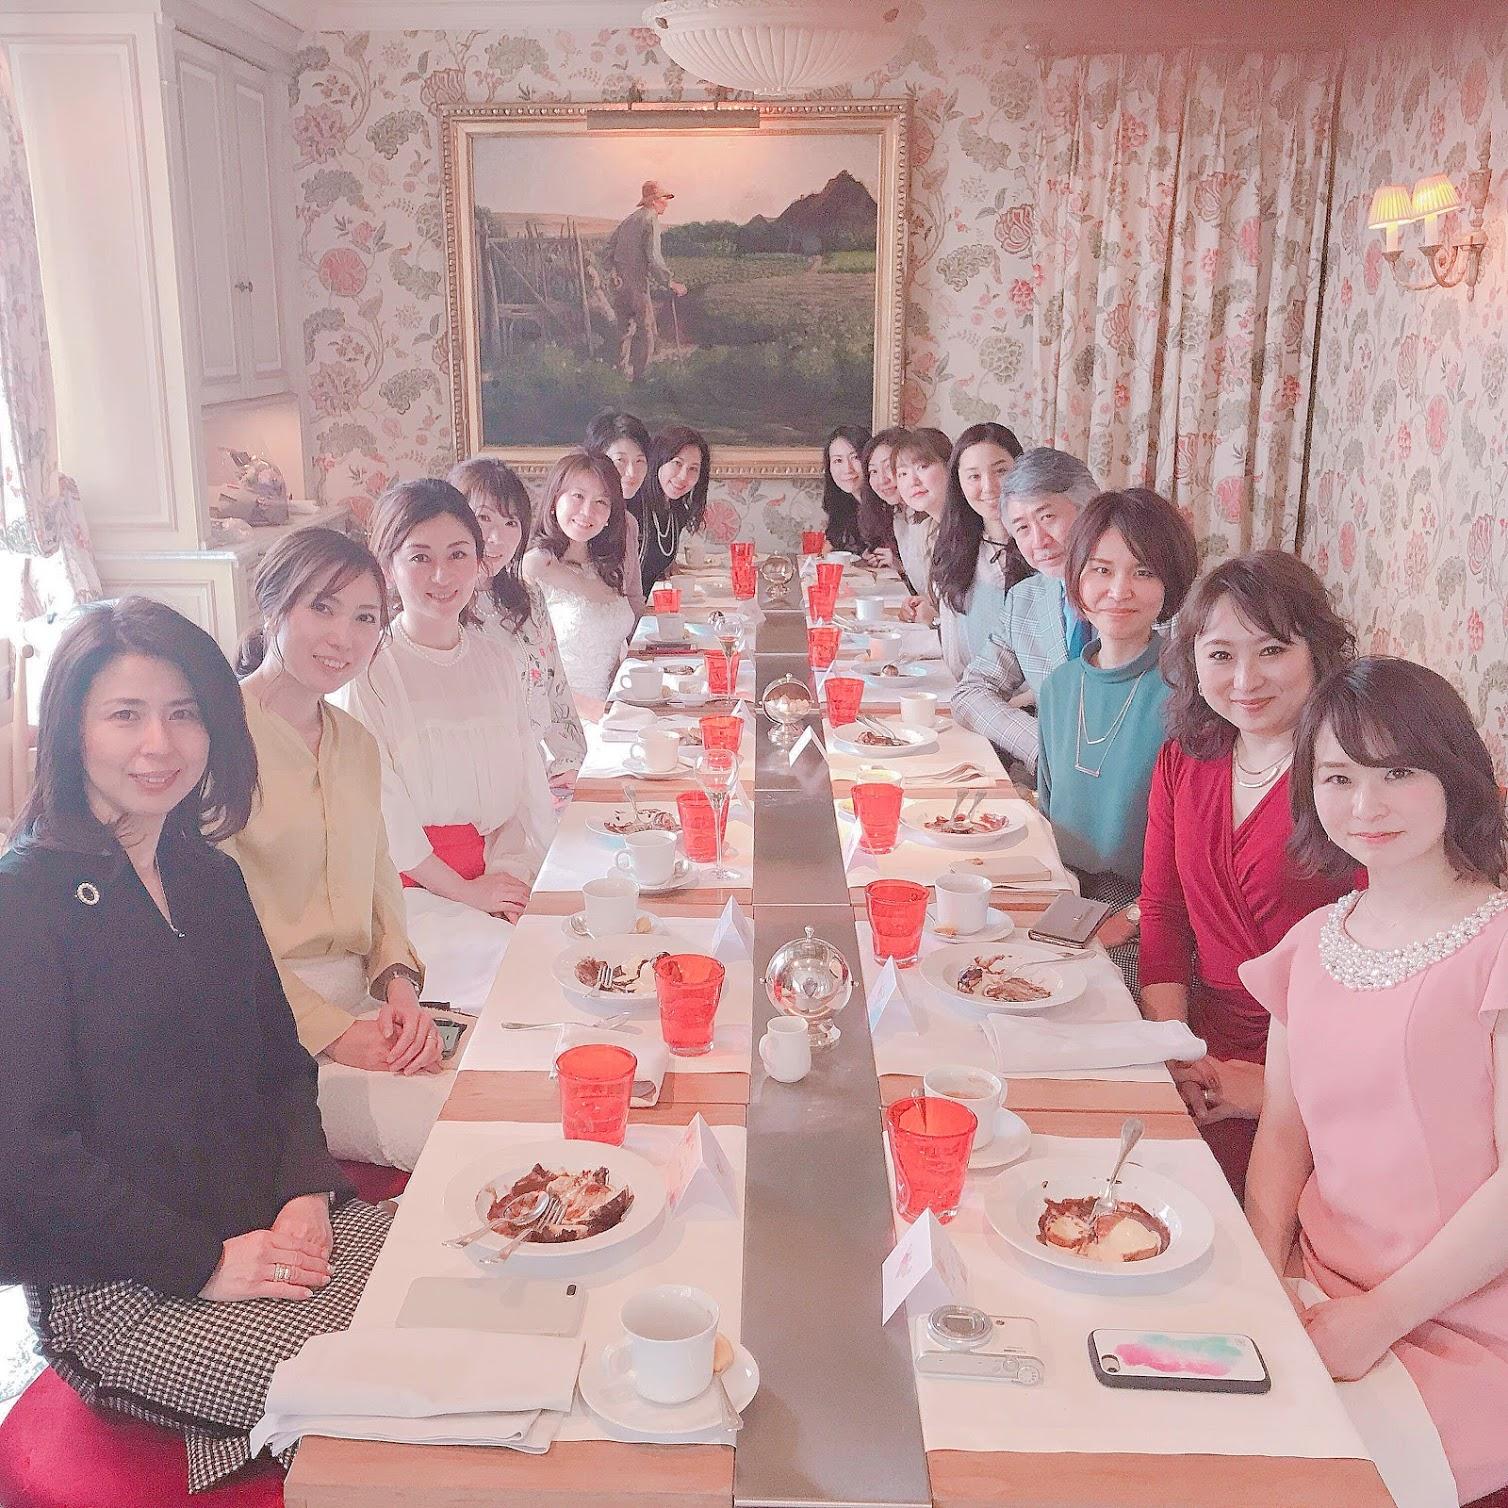 東京・青山のパーソナルカラーアナリスト養成講座ならパーソナルビューティーカラー研究所 サロン・ド・ルミエールへ